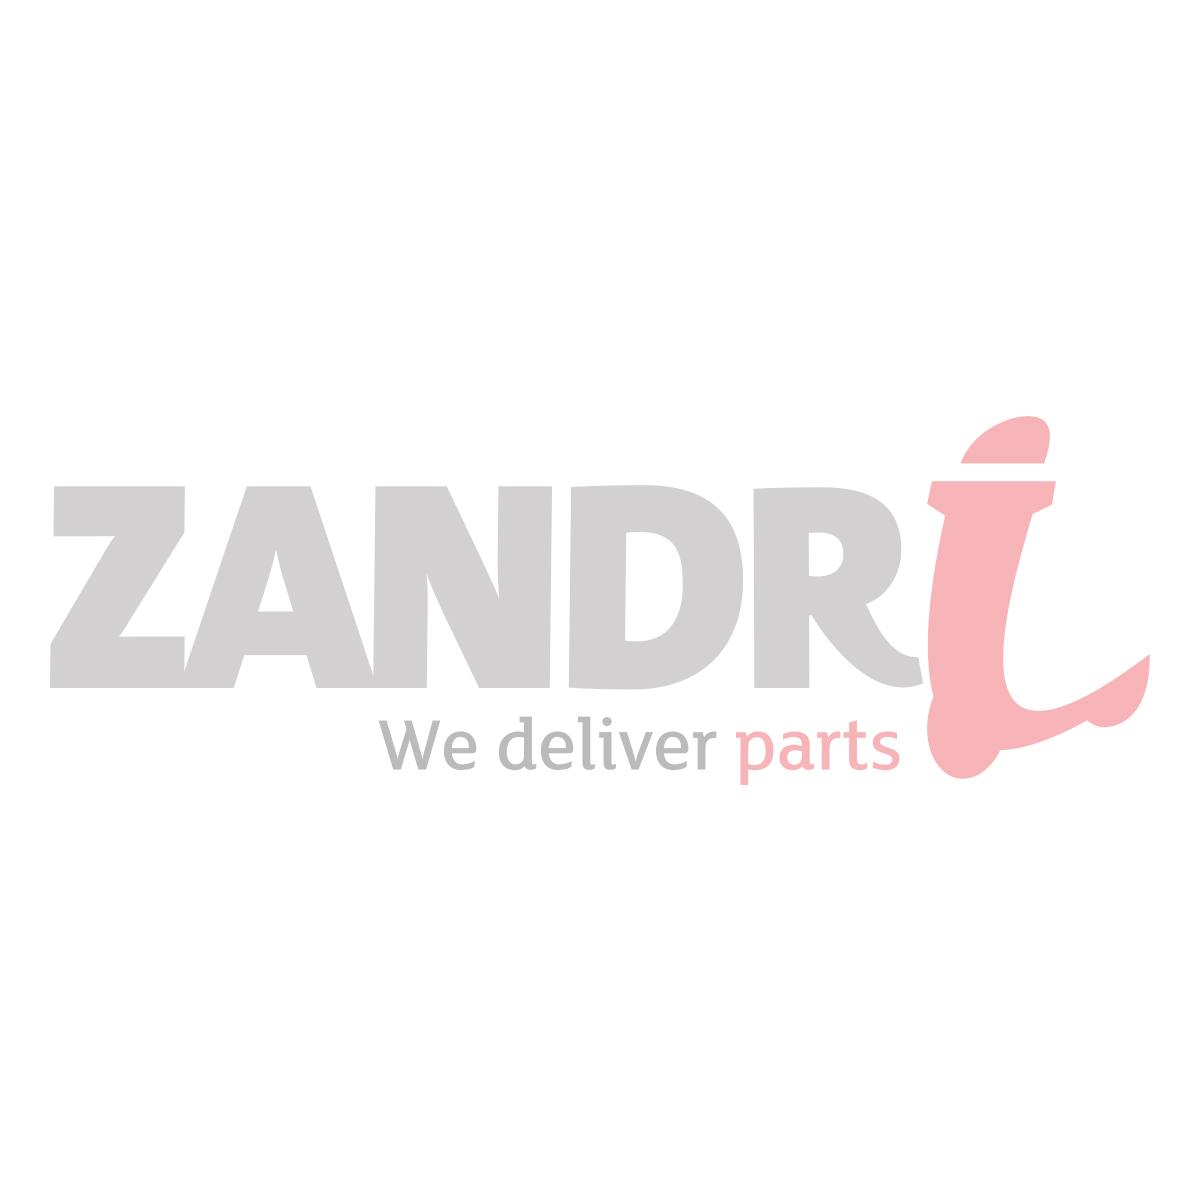 Onderspoiler / sideskirt Piaggio Zip antraciet